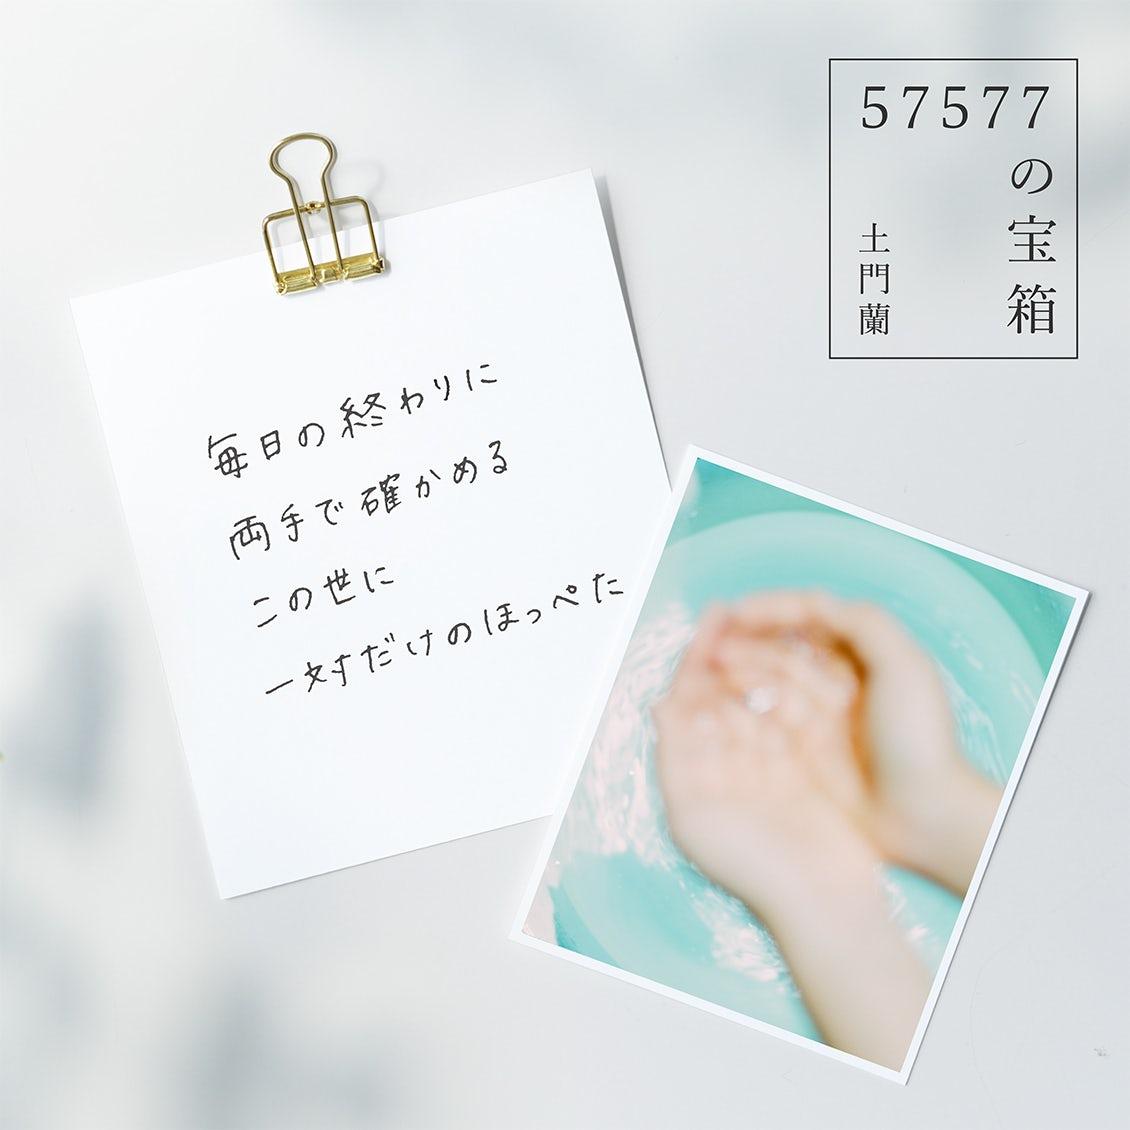 【57577の宝箱】毎日の終わりに両手で確かめる この世に一対だけのほっぺた